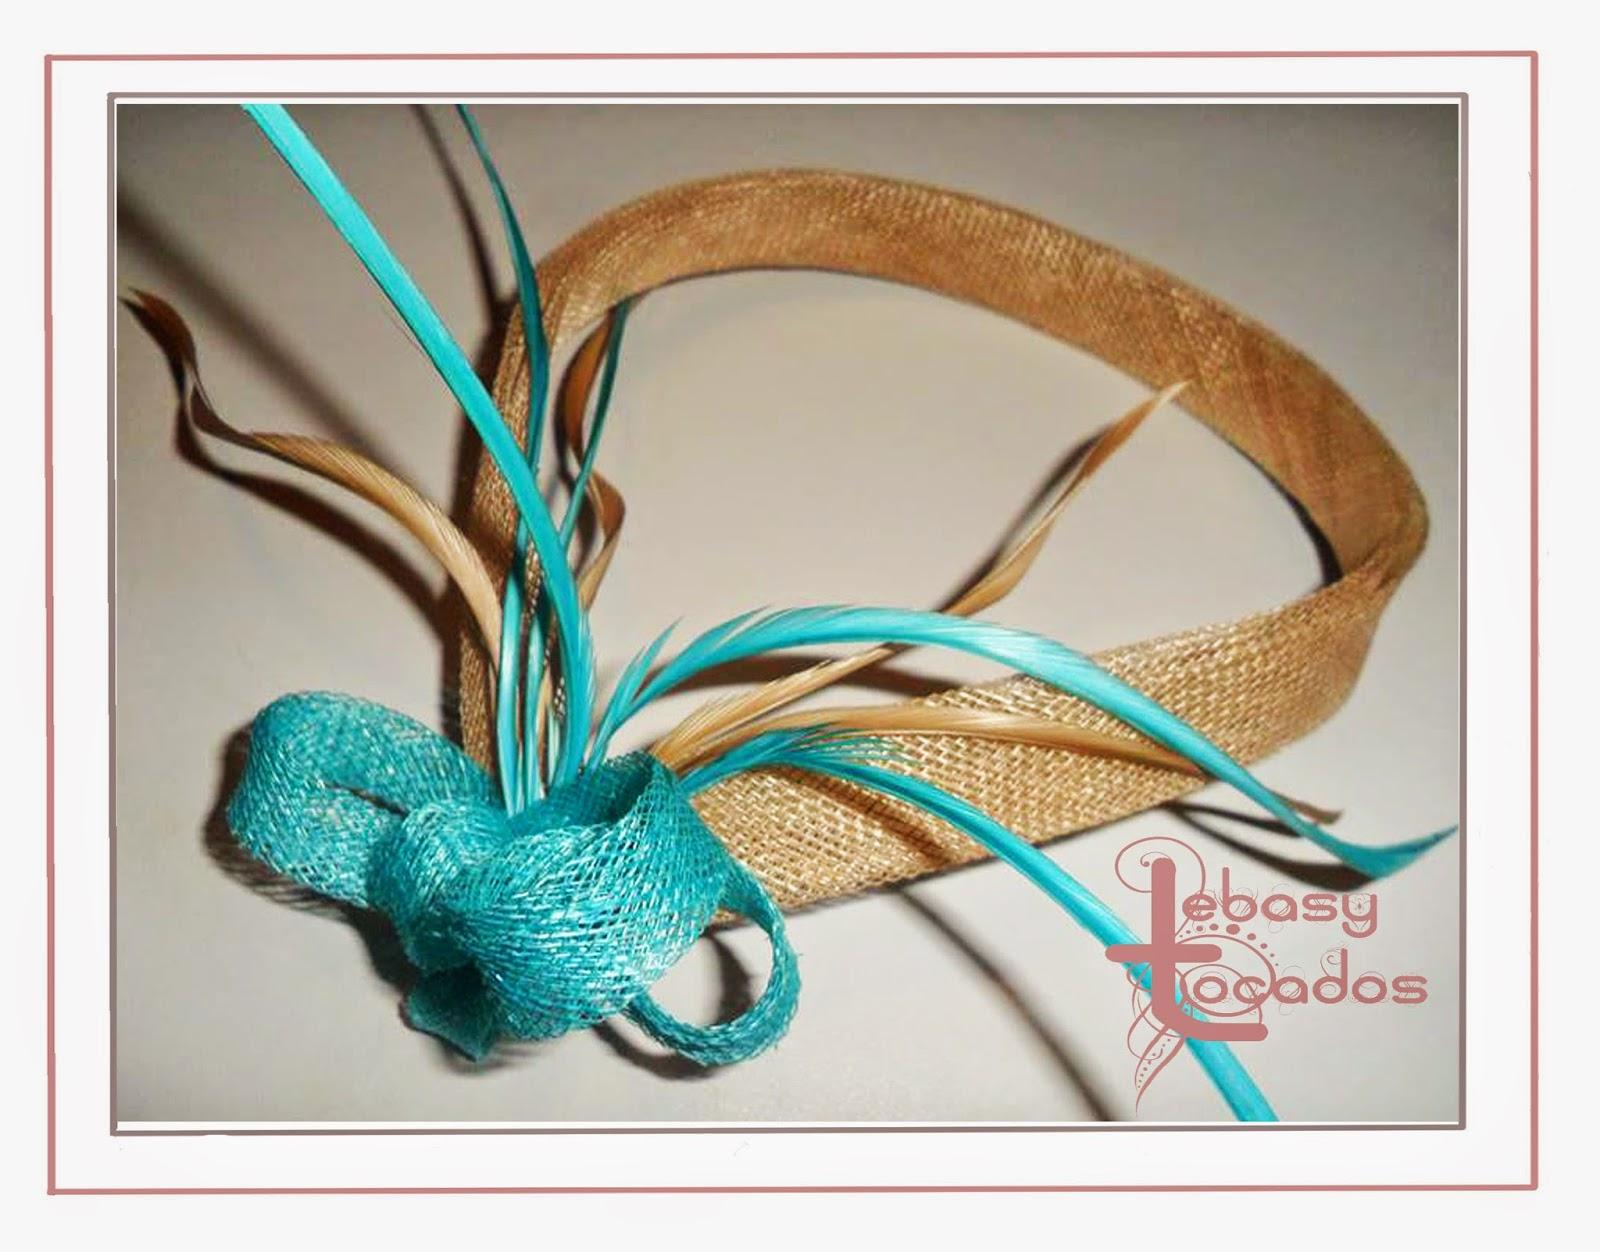 Banda en turquesa y beige de plumas y sinamay de Lebasy Tocados